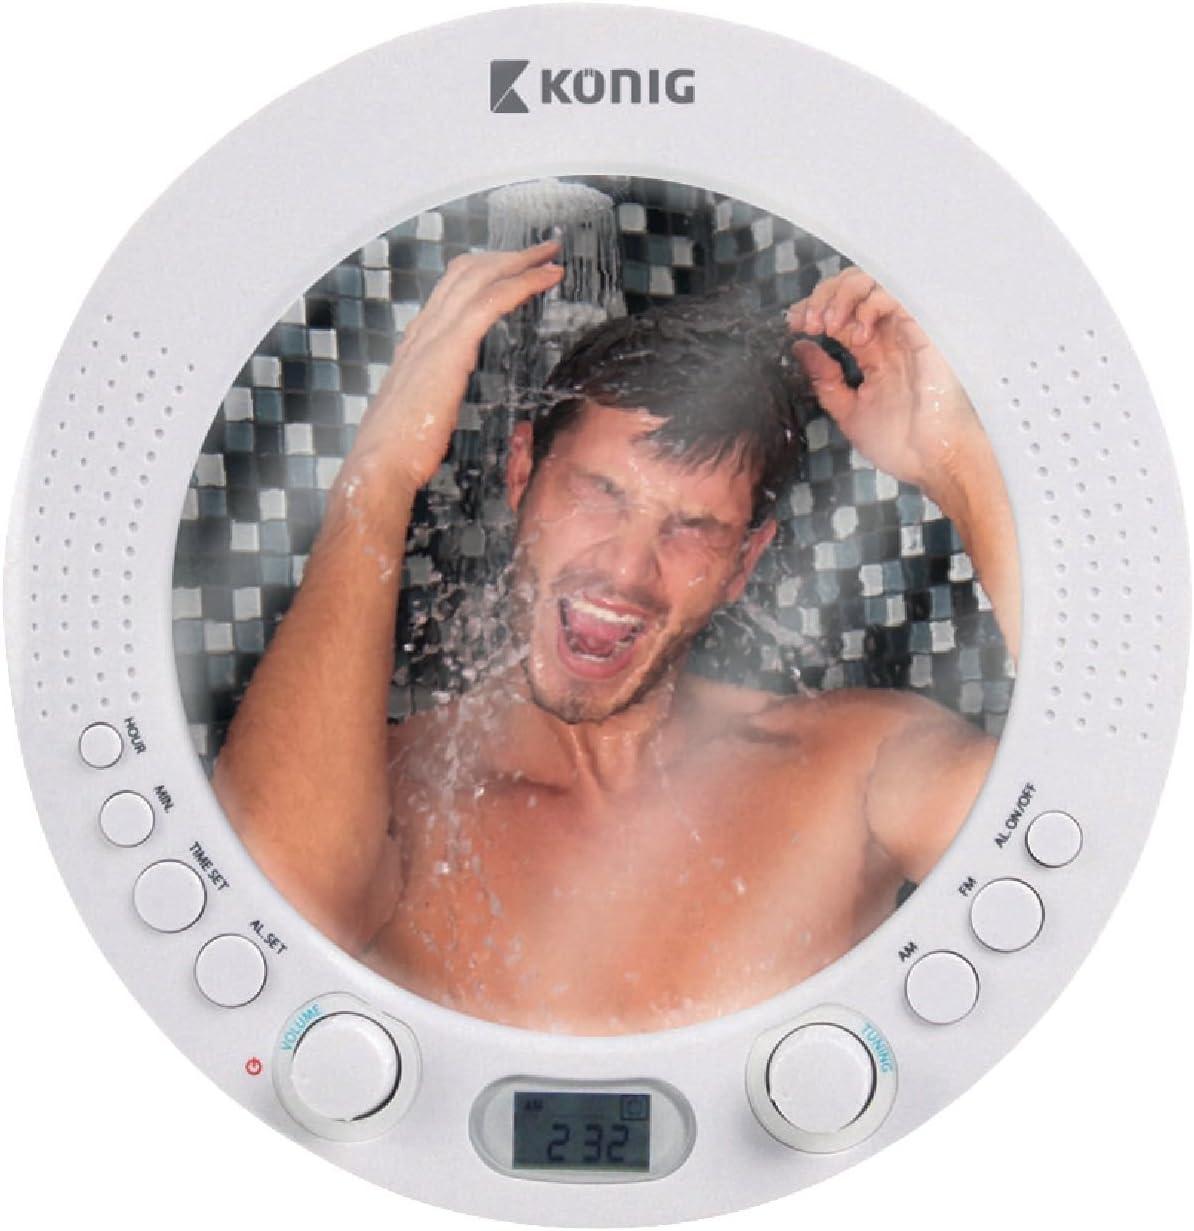 Radio aM fM douche de salle de bains radio de douche sans fil r/ésistant /à lavec miroir eau